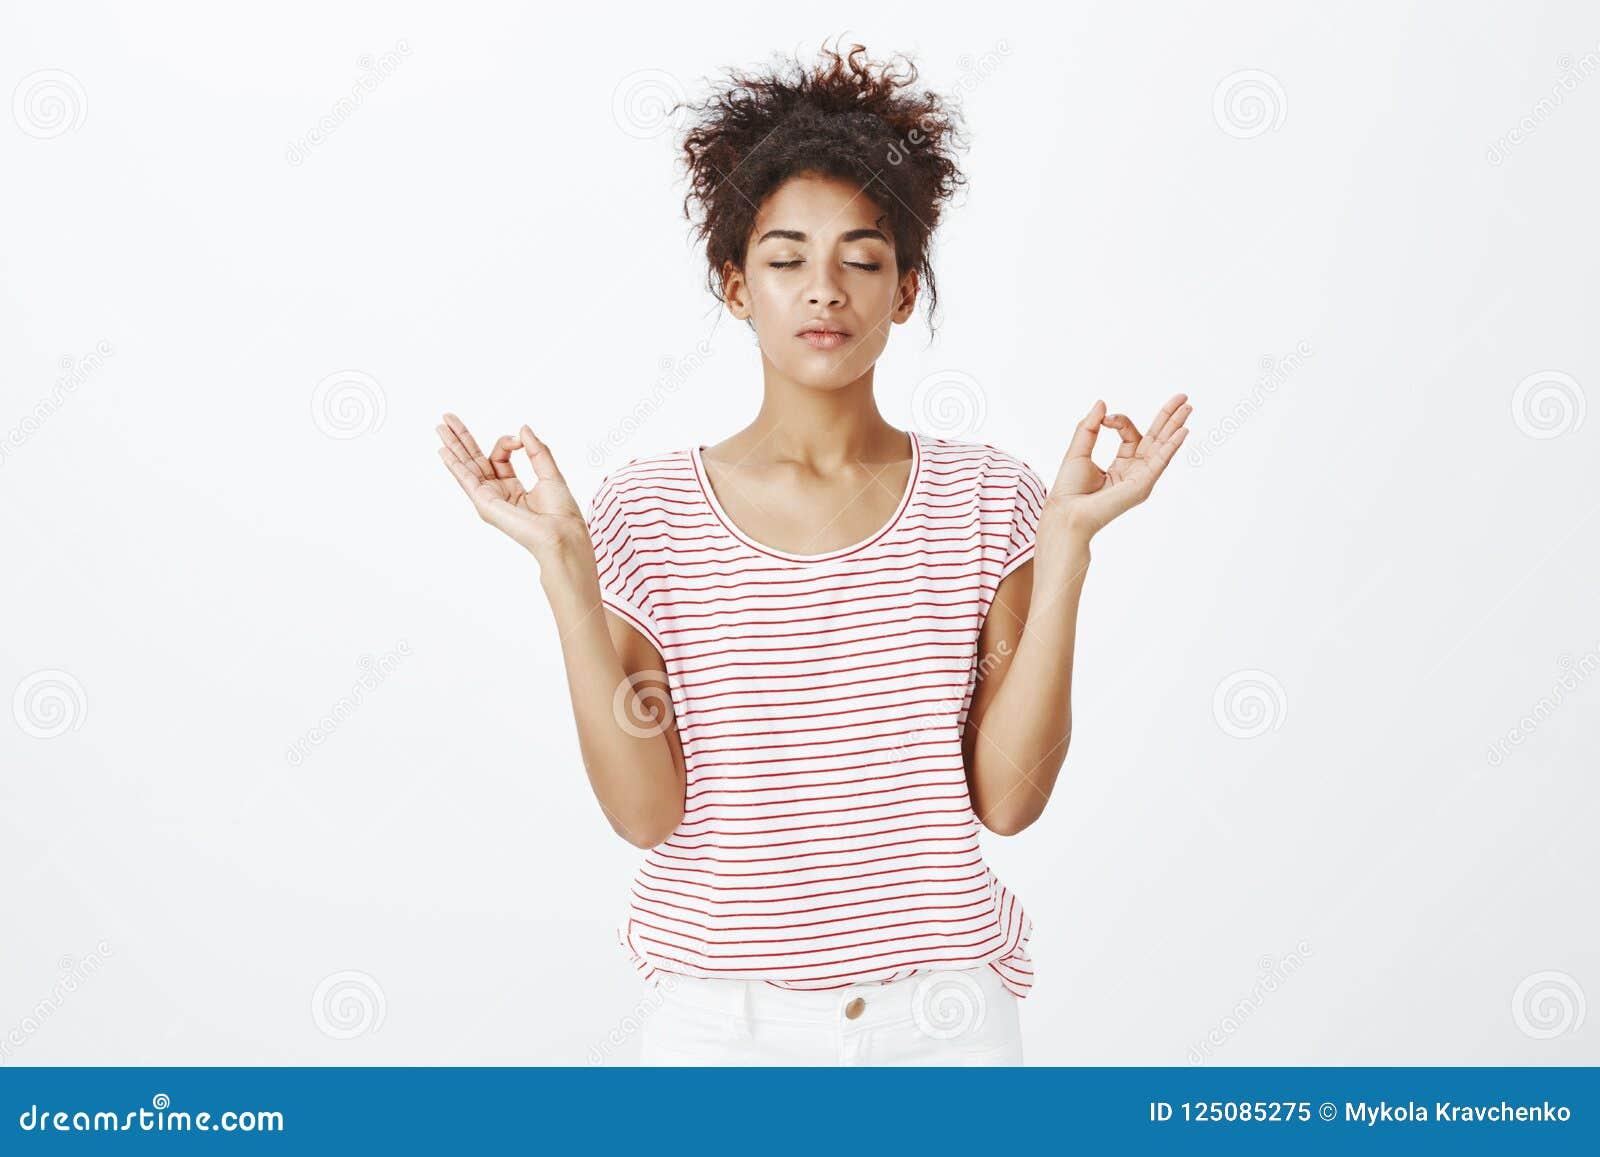 Zostawać spokojny i zrelaksowany w miastowej atmosferze Śliczna zdecydowana ciemnoskóra kobieta w pasiastej koszulce, zamyka oczy